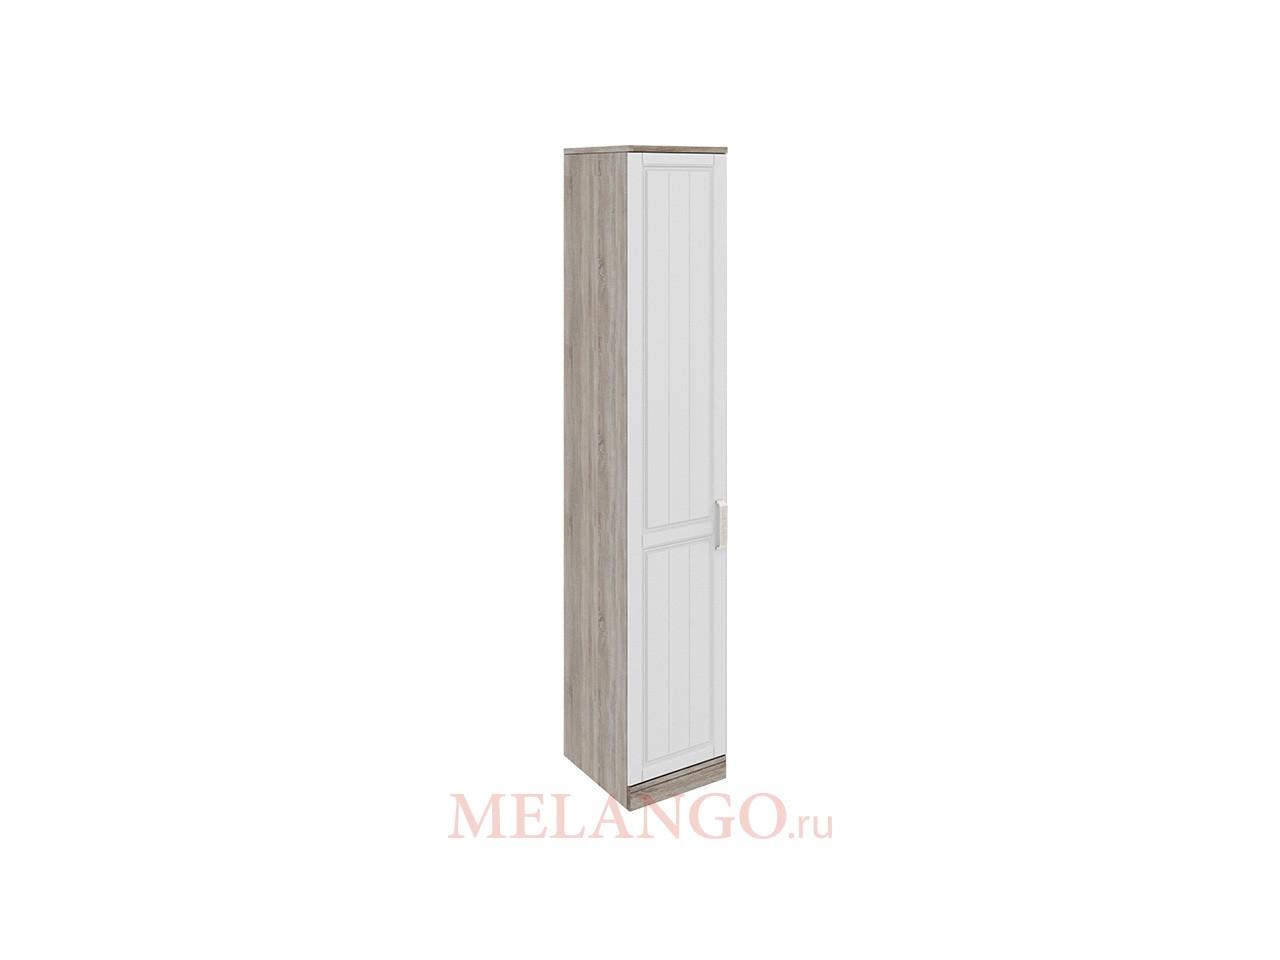 Шкаф торцевой с 1-ой дверью левый «Прованс» СМ-223.07.008L